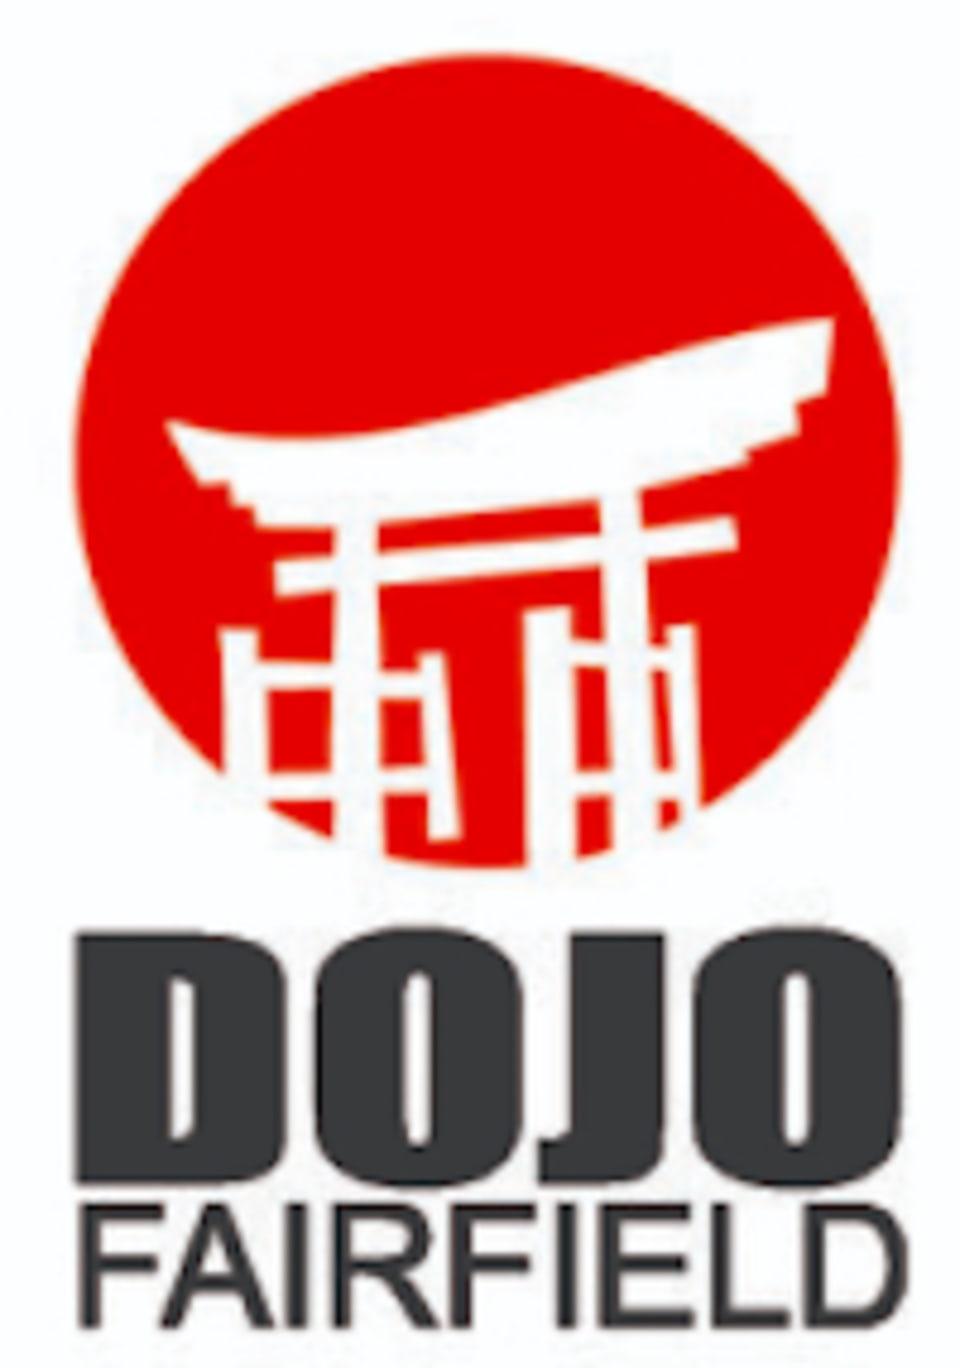 Dojo Fairfield logo